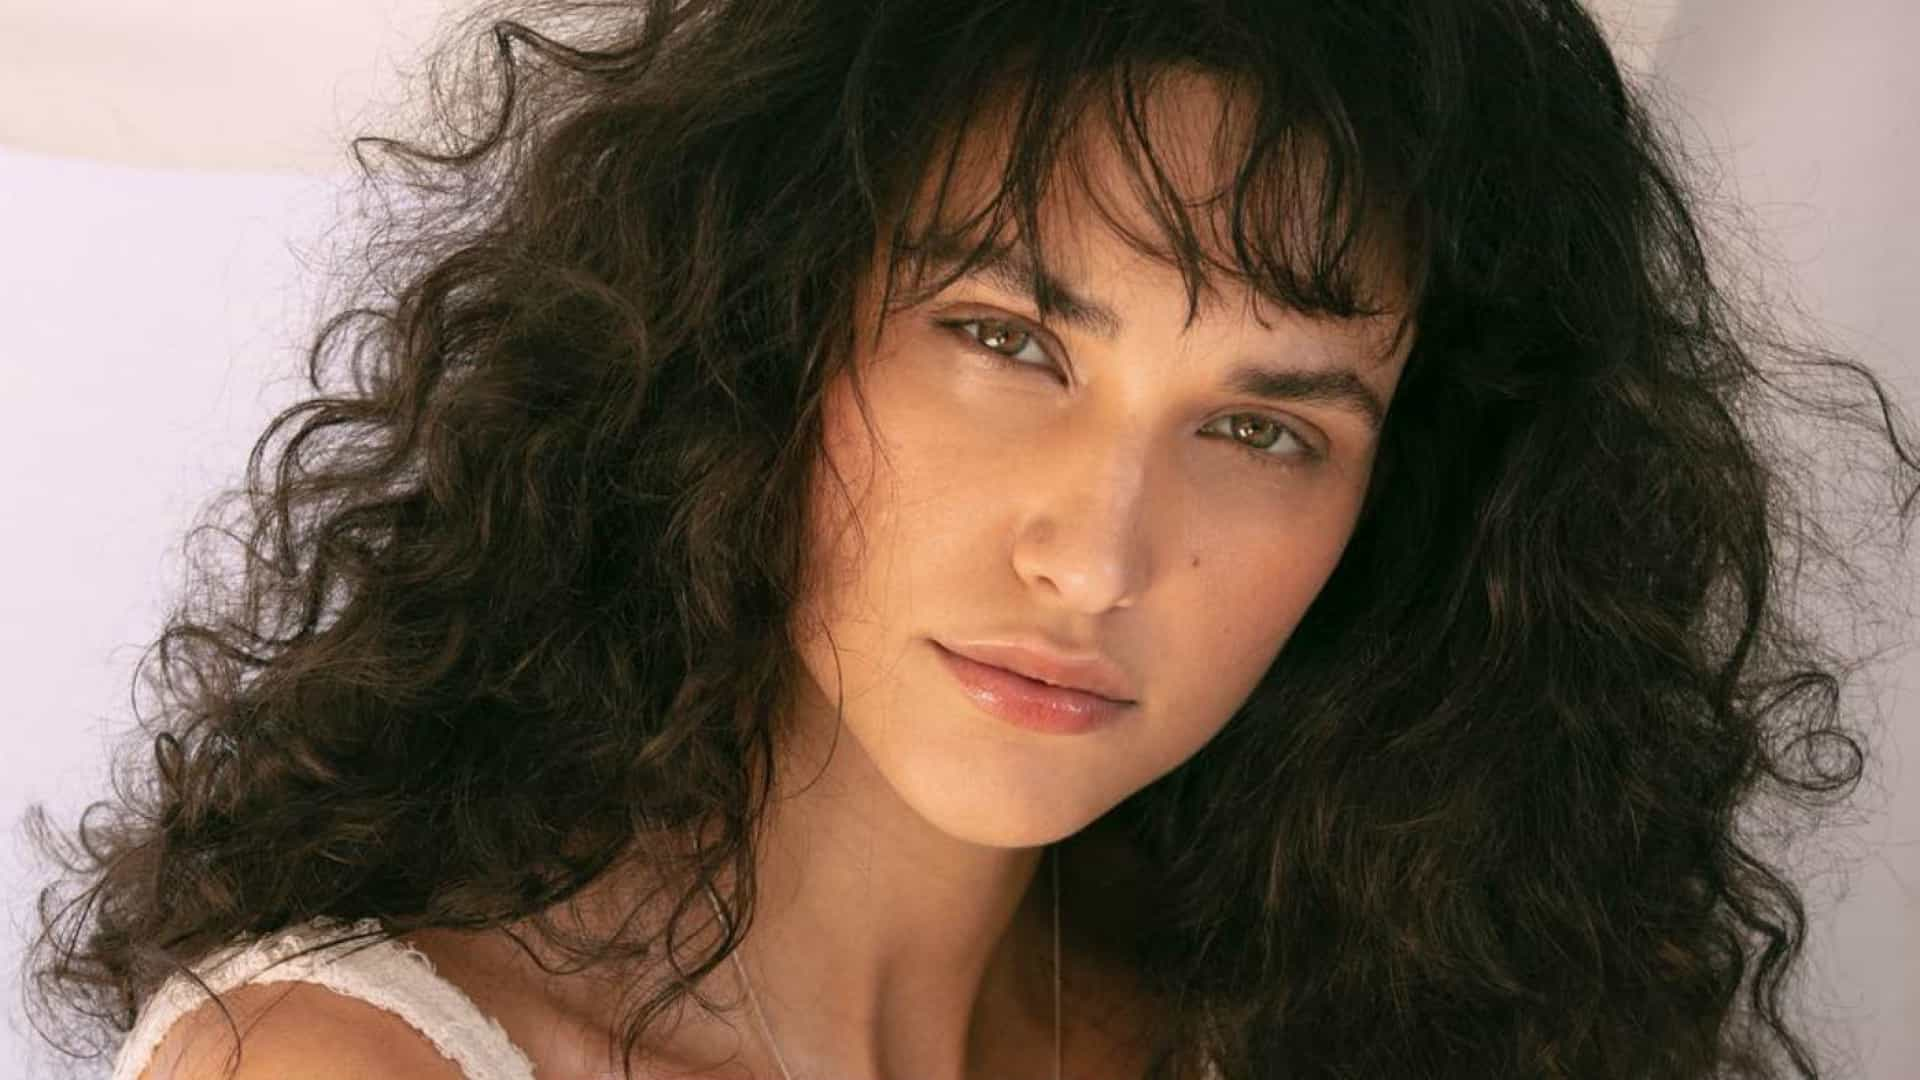 naom 5c6d3ce0556d5 - Débora Nascimento assume relacionamento com modelo ex de Marquezine